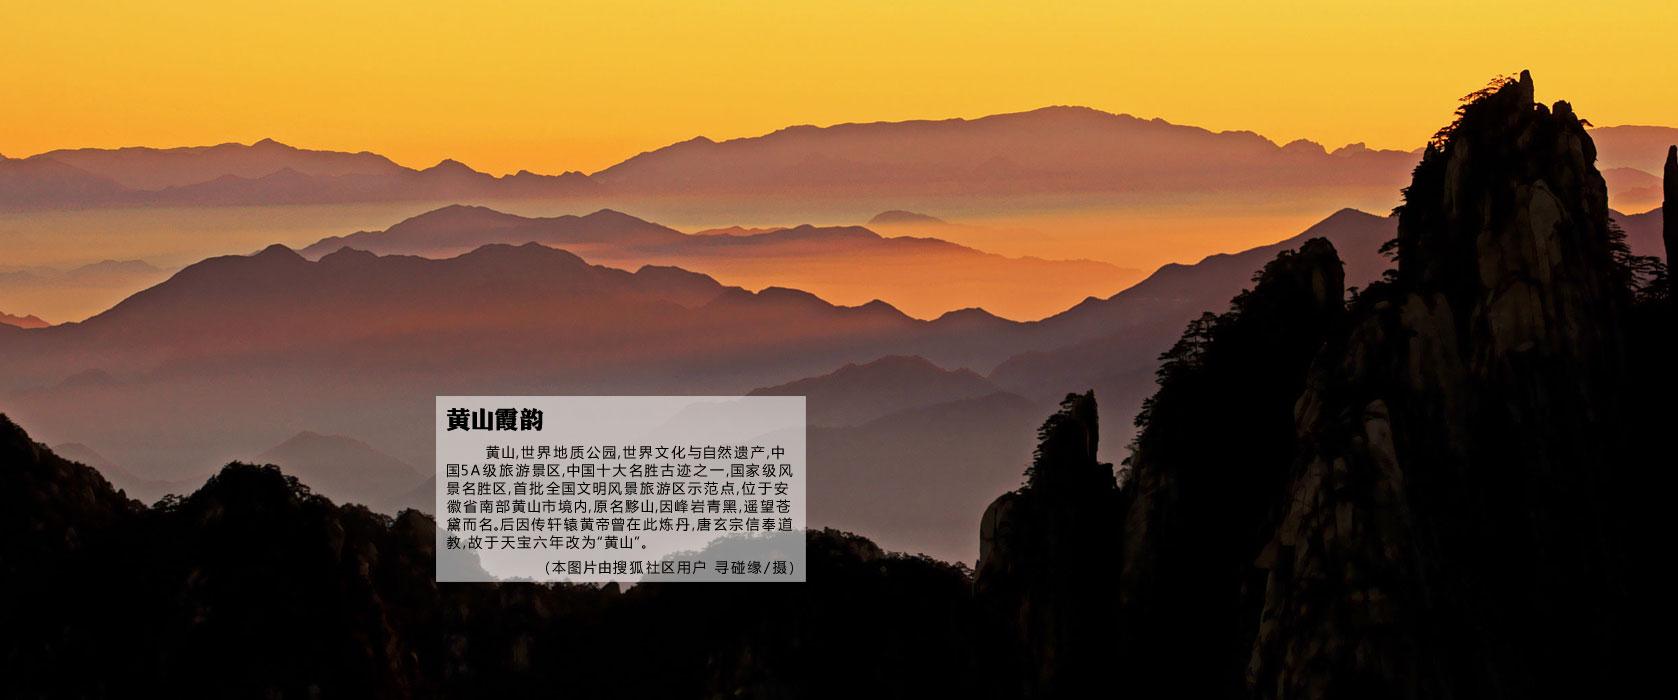 黄山奇景 汇天下名山之秀